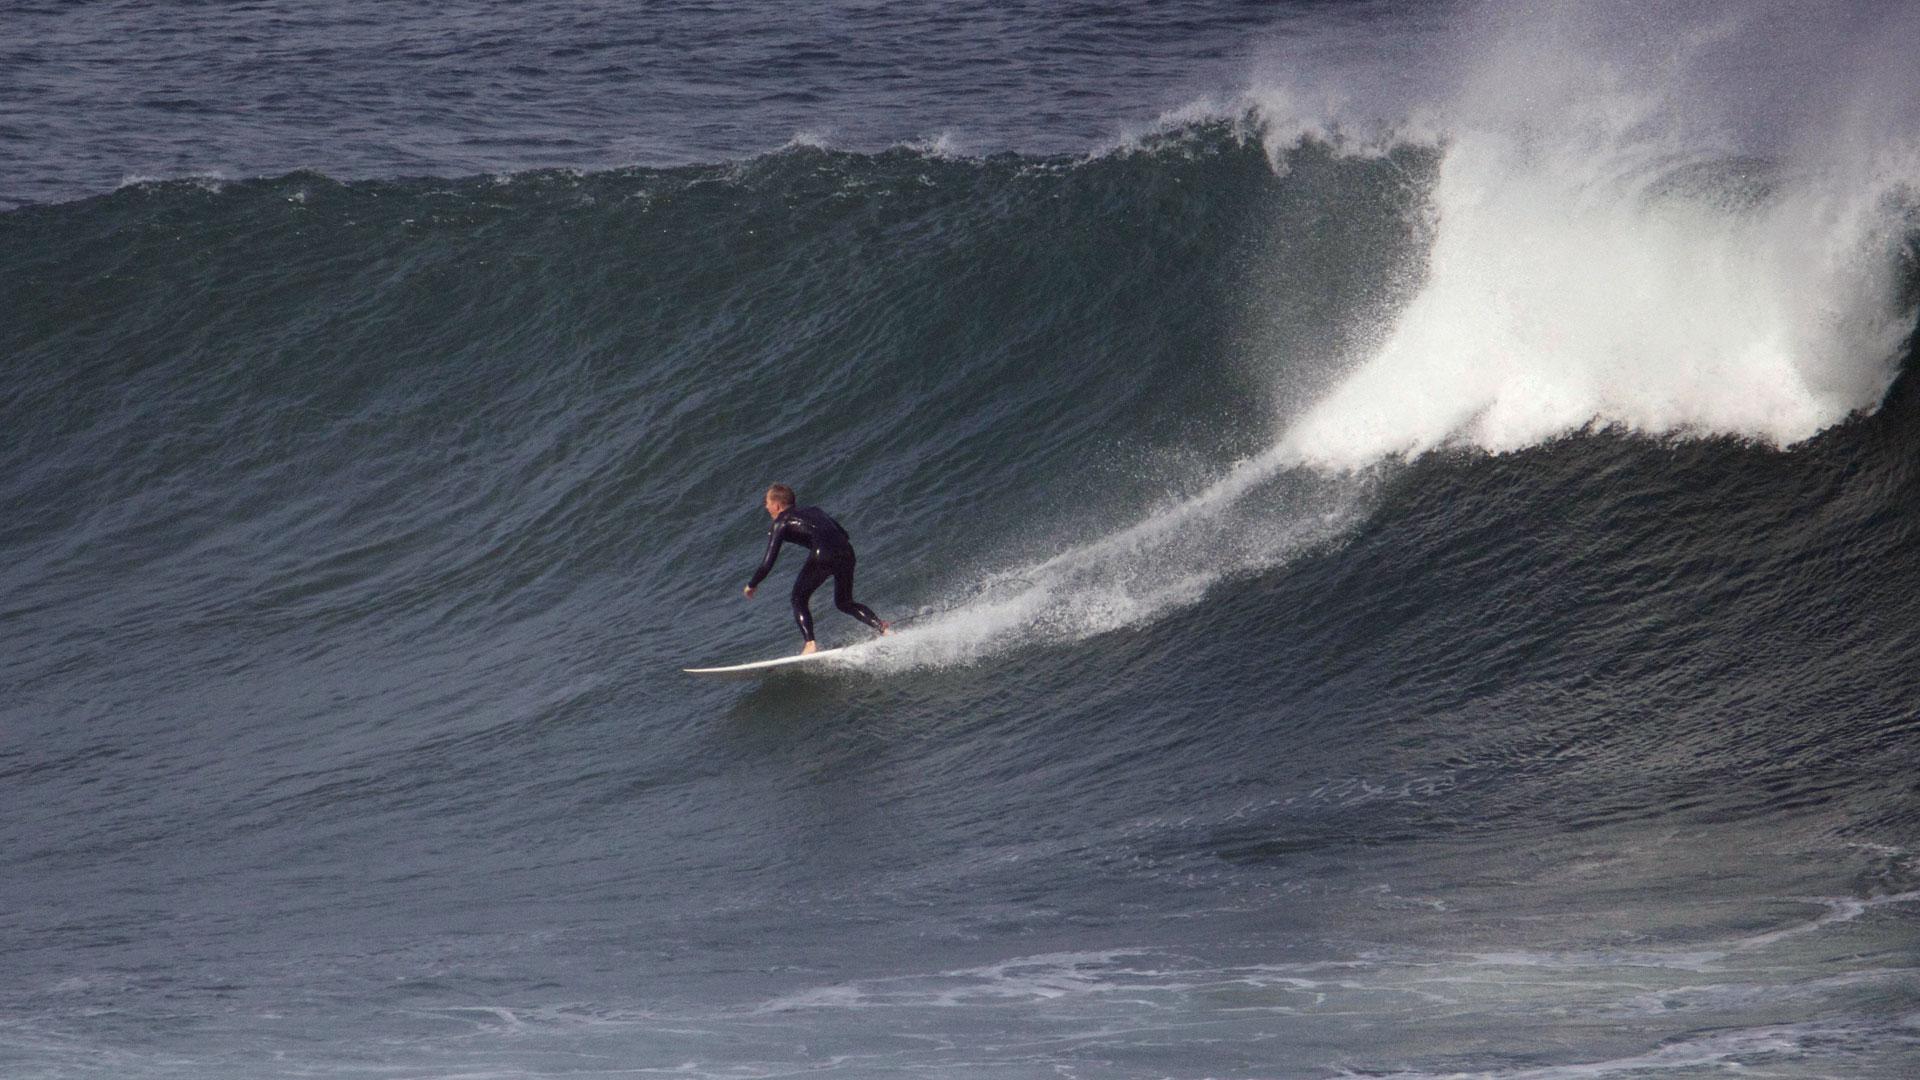 """Wellenreiter finden vor Dakar (Senegal) hervorragende Bedingungen. """"Ngor Rights"""" gilt unter Surfern als die drittbeste Welle Afrikas."""